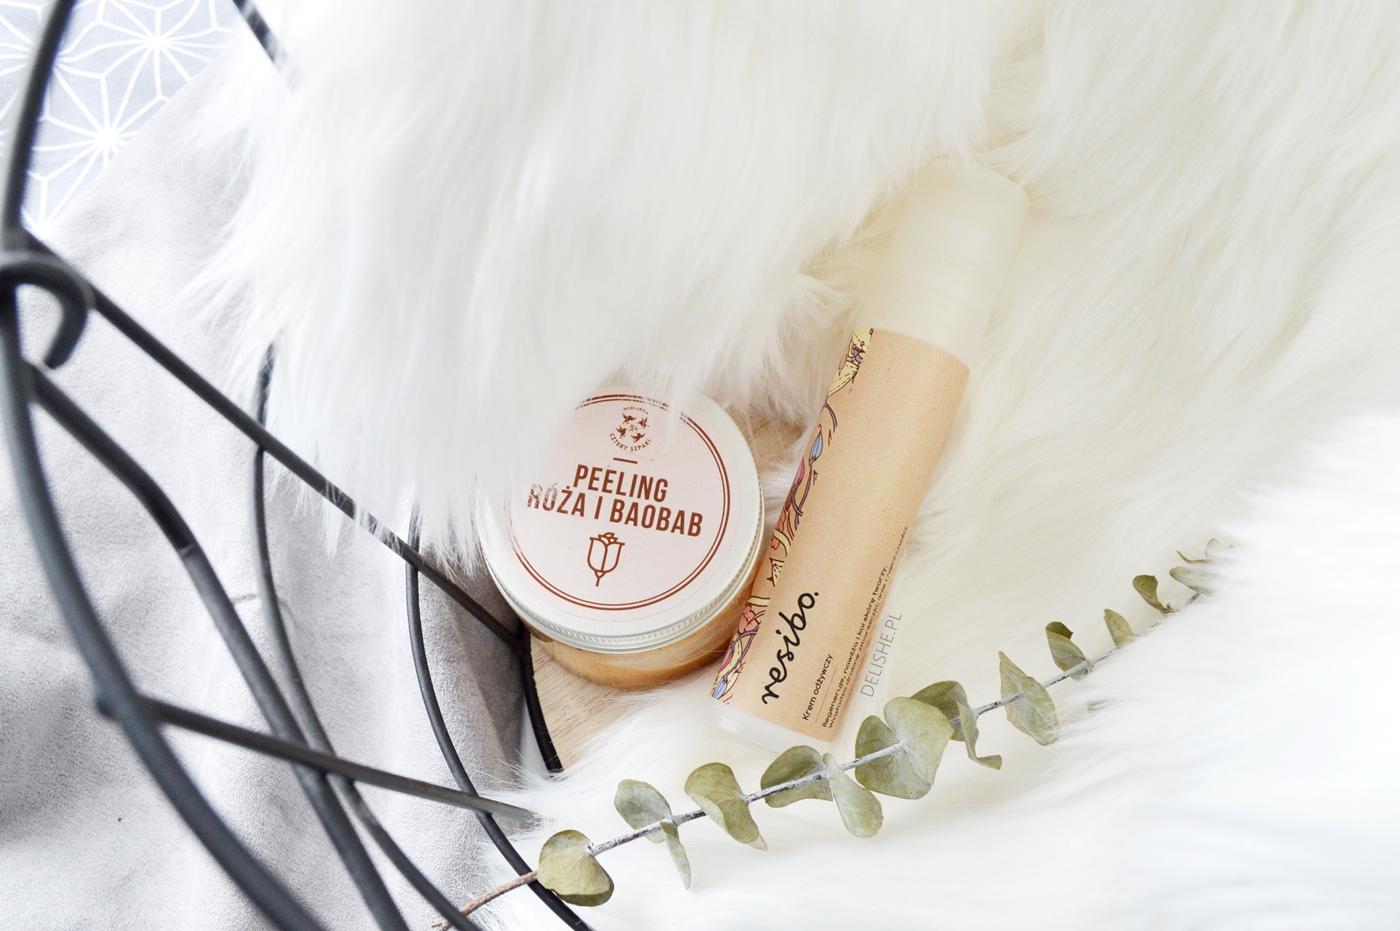 naturalne kosmetyki do pielęgnacji blog denko